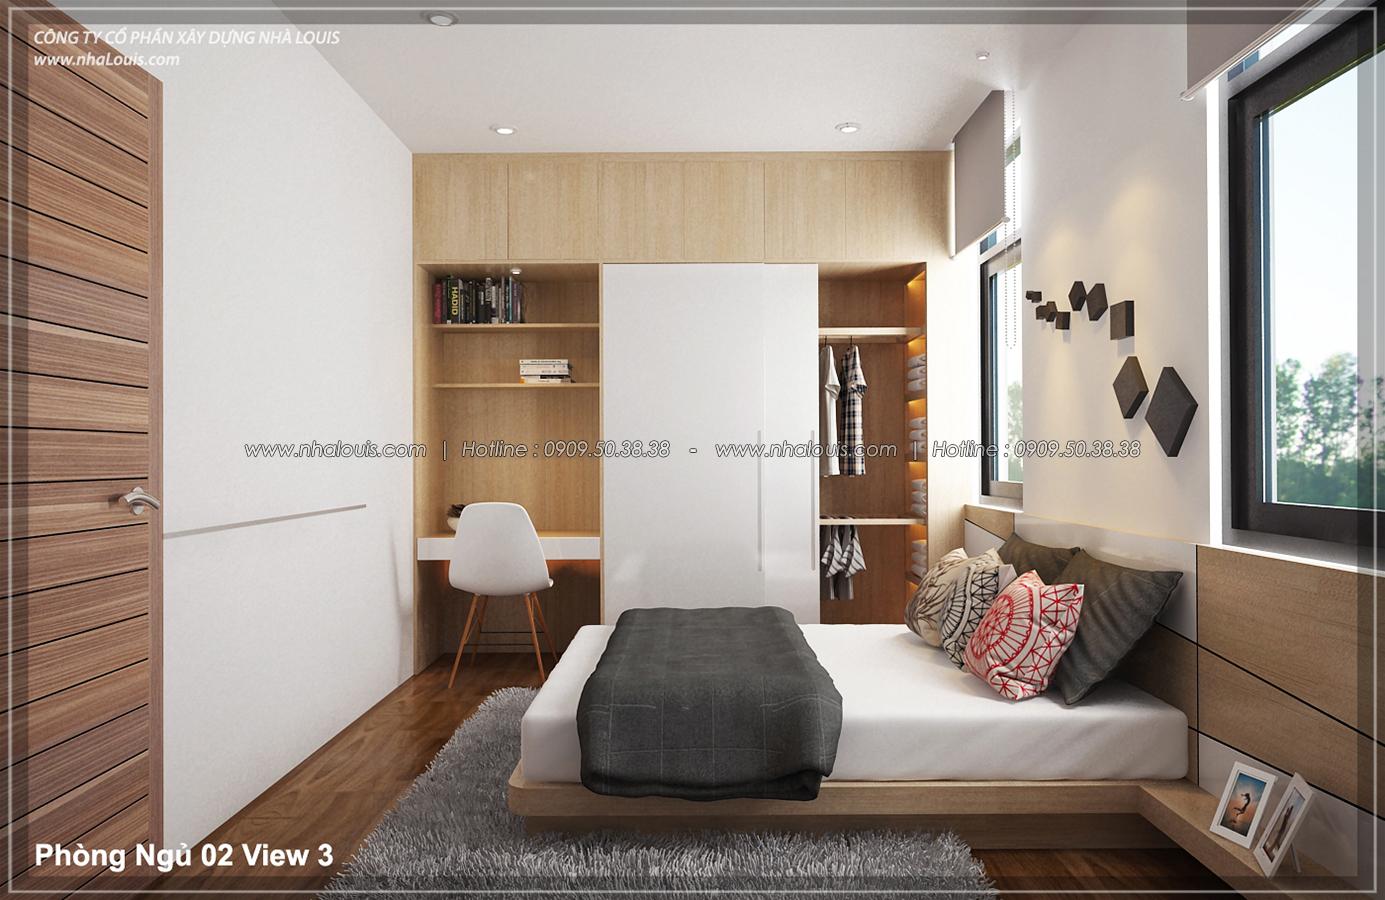 Thiết kế biệt thự 3 tầng đẹp tại dự án Lucasta Villa đẳng cấp - 31